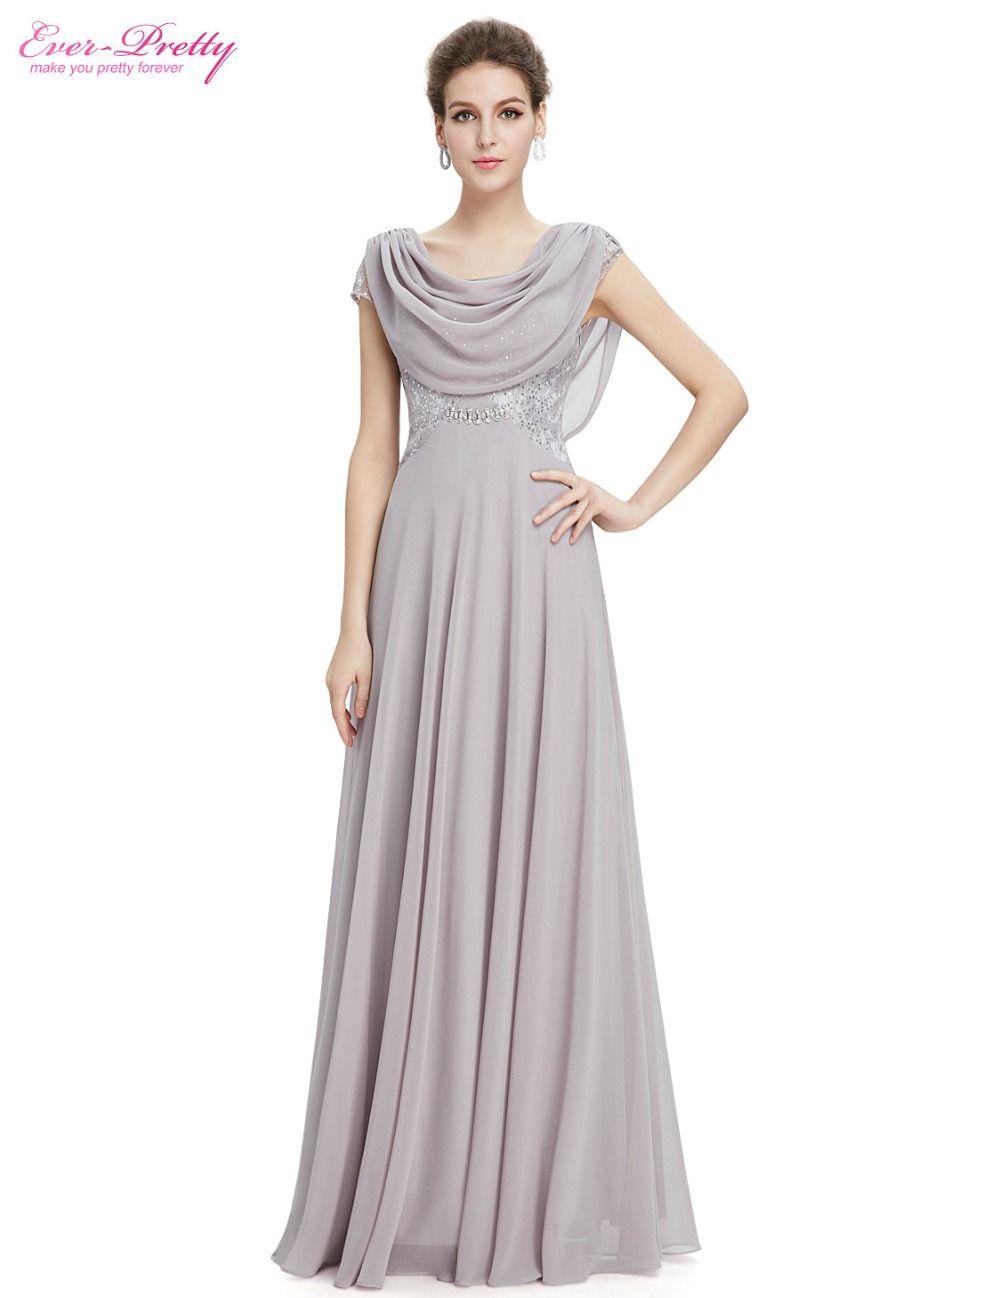 Halter V-neck Elegant Fashion Prom Long Party Dress | Cap and Shoulder